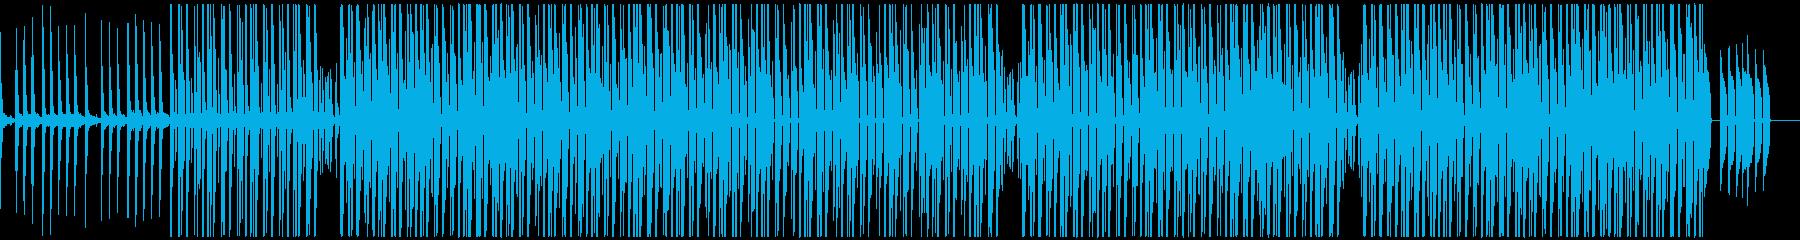 レゲエ 楽しげなR&B調アフロビートの再生済みの波形